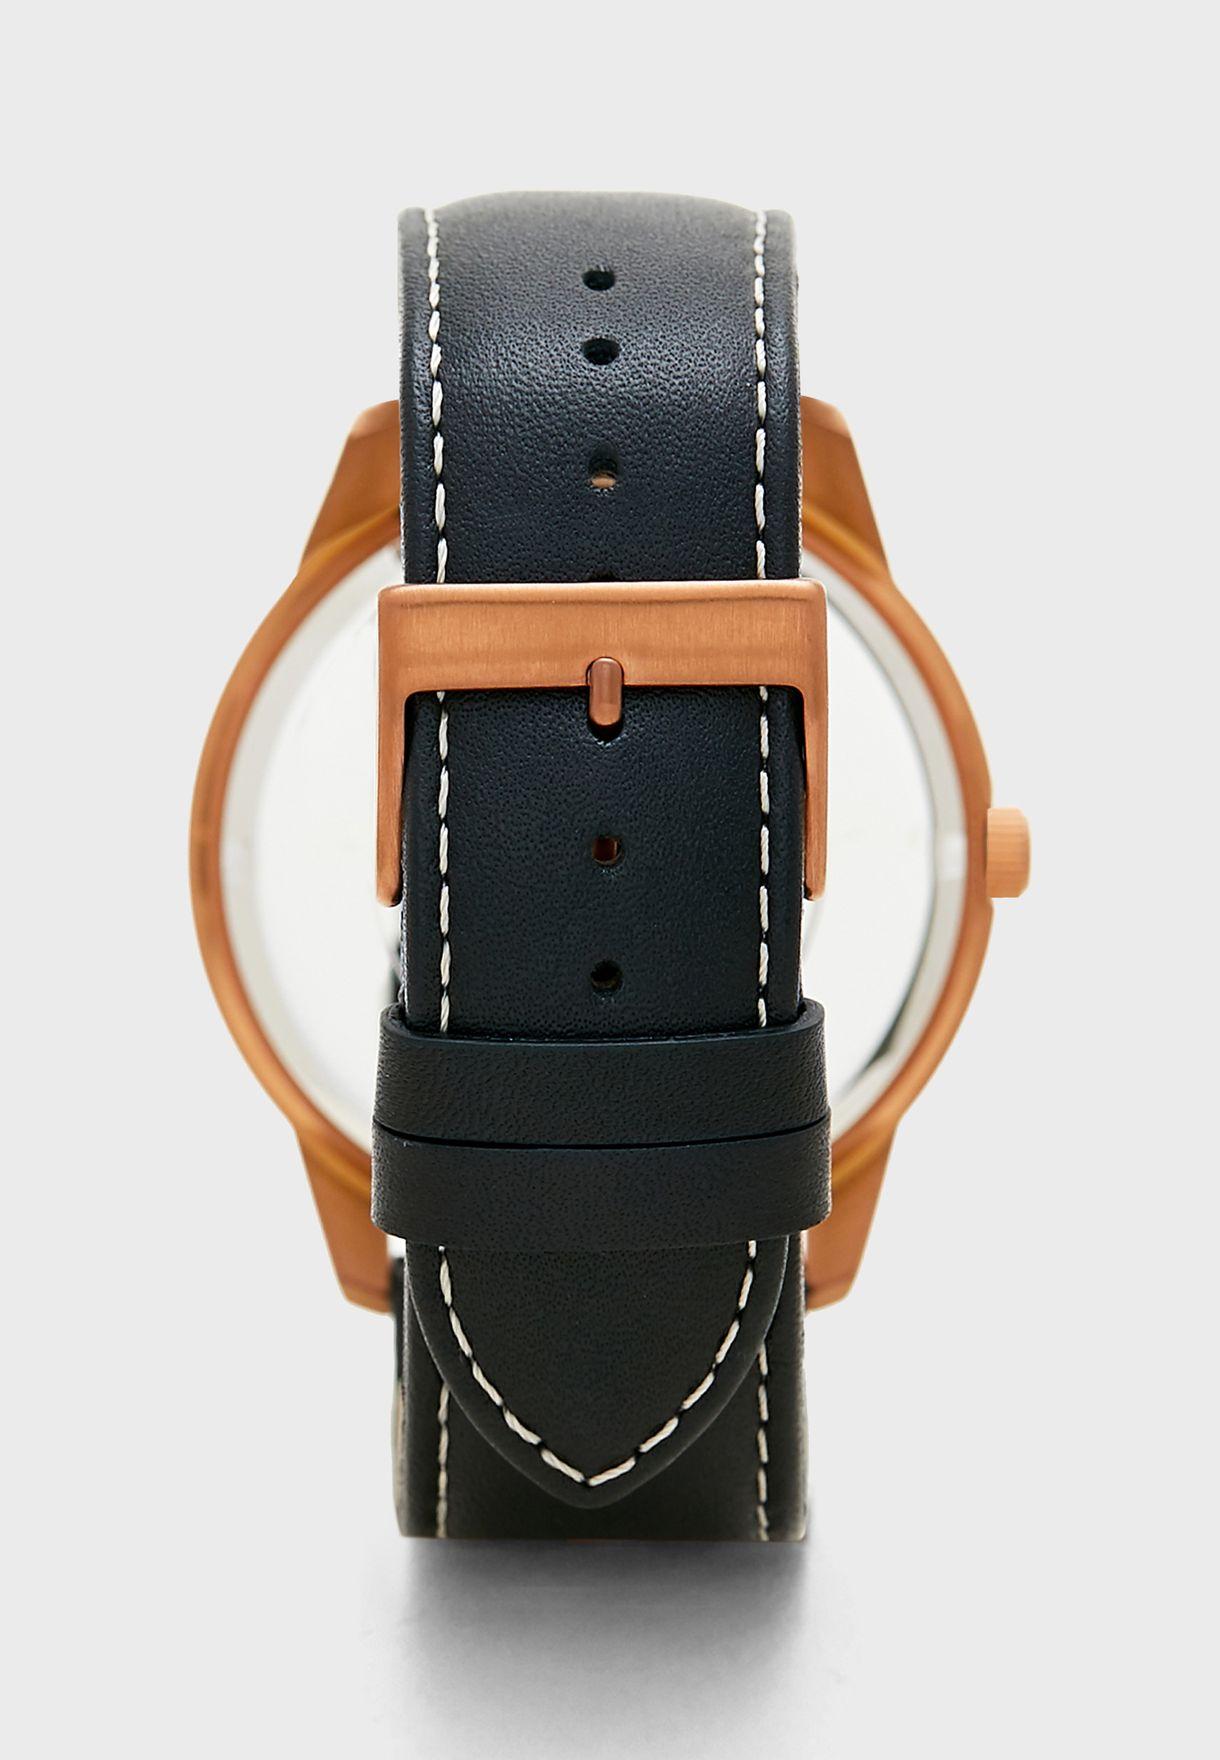 W1170G2 Pioneer Watch